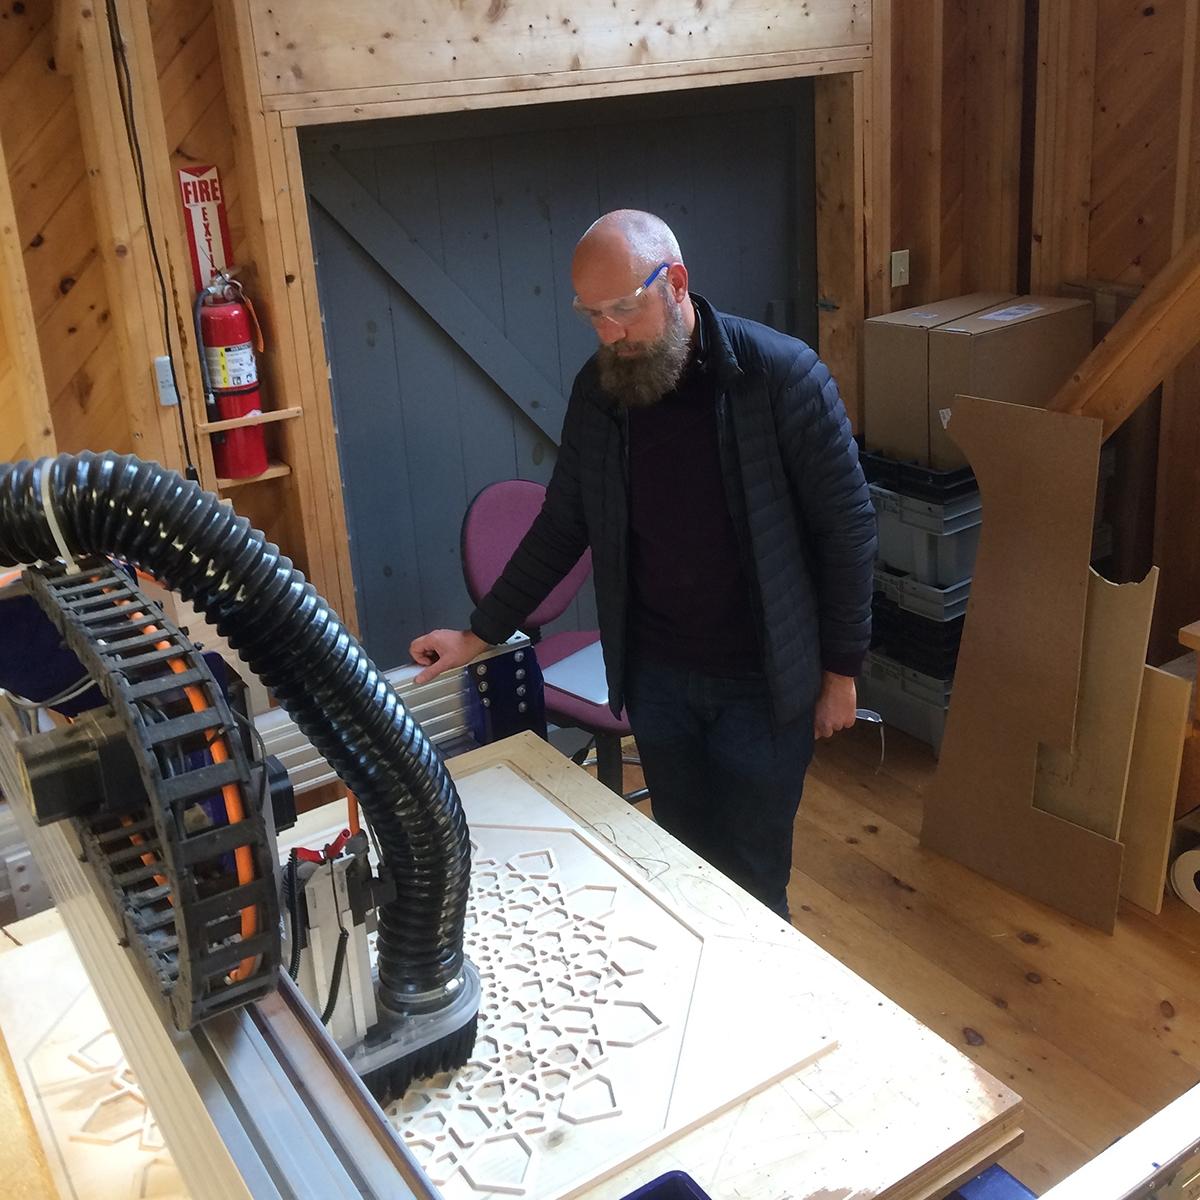 Fab lab man using CNC Machine